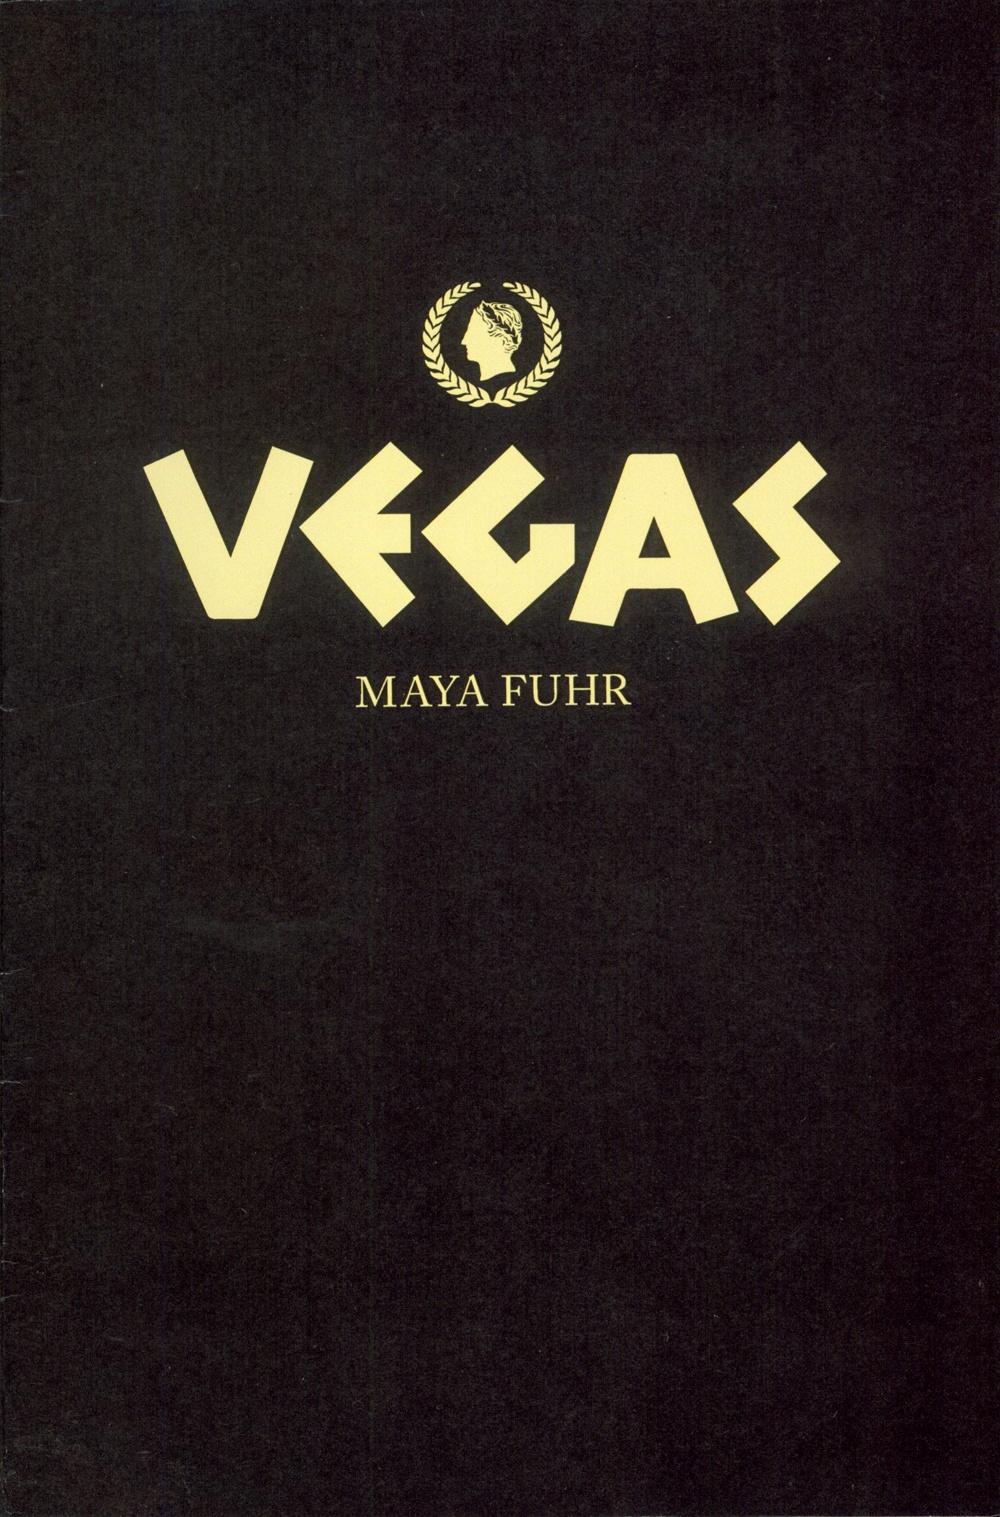 Las Vegas - Maya Fuhr